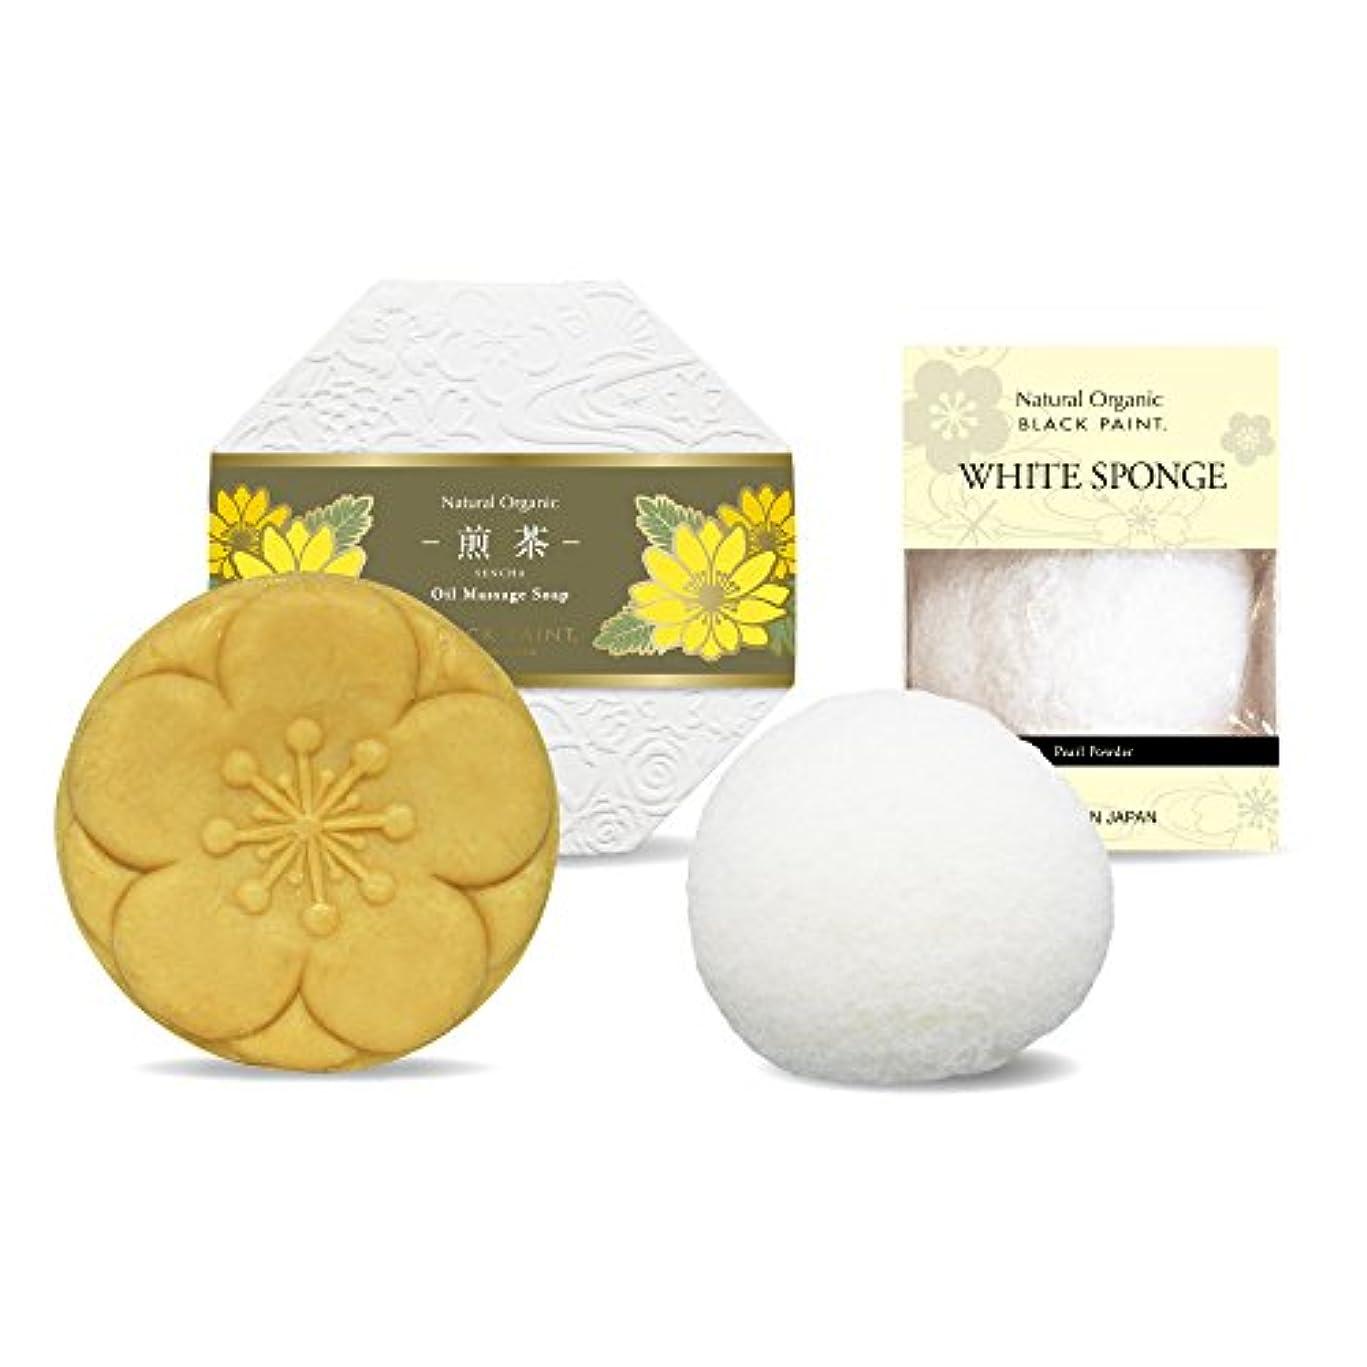 適切にニックネーム楽しませる京のお茶石鹸 煎茶120g&ホワイトスポンジ 洗顔セット